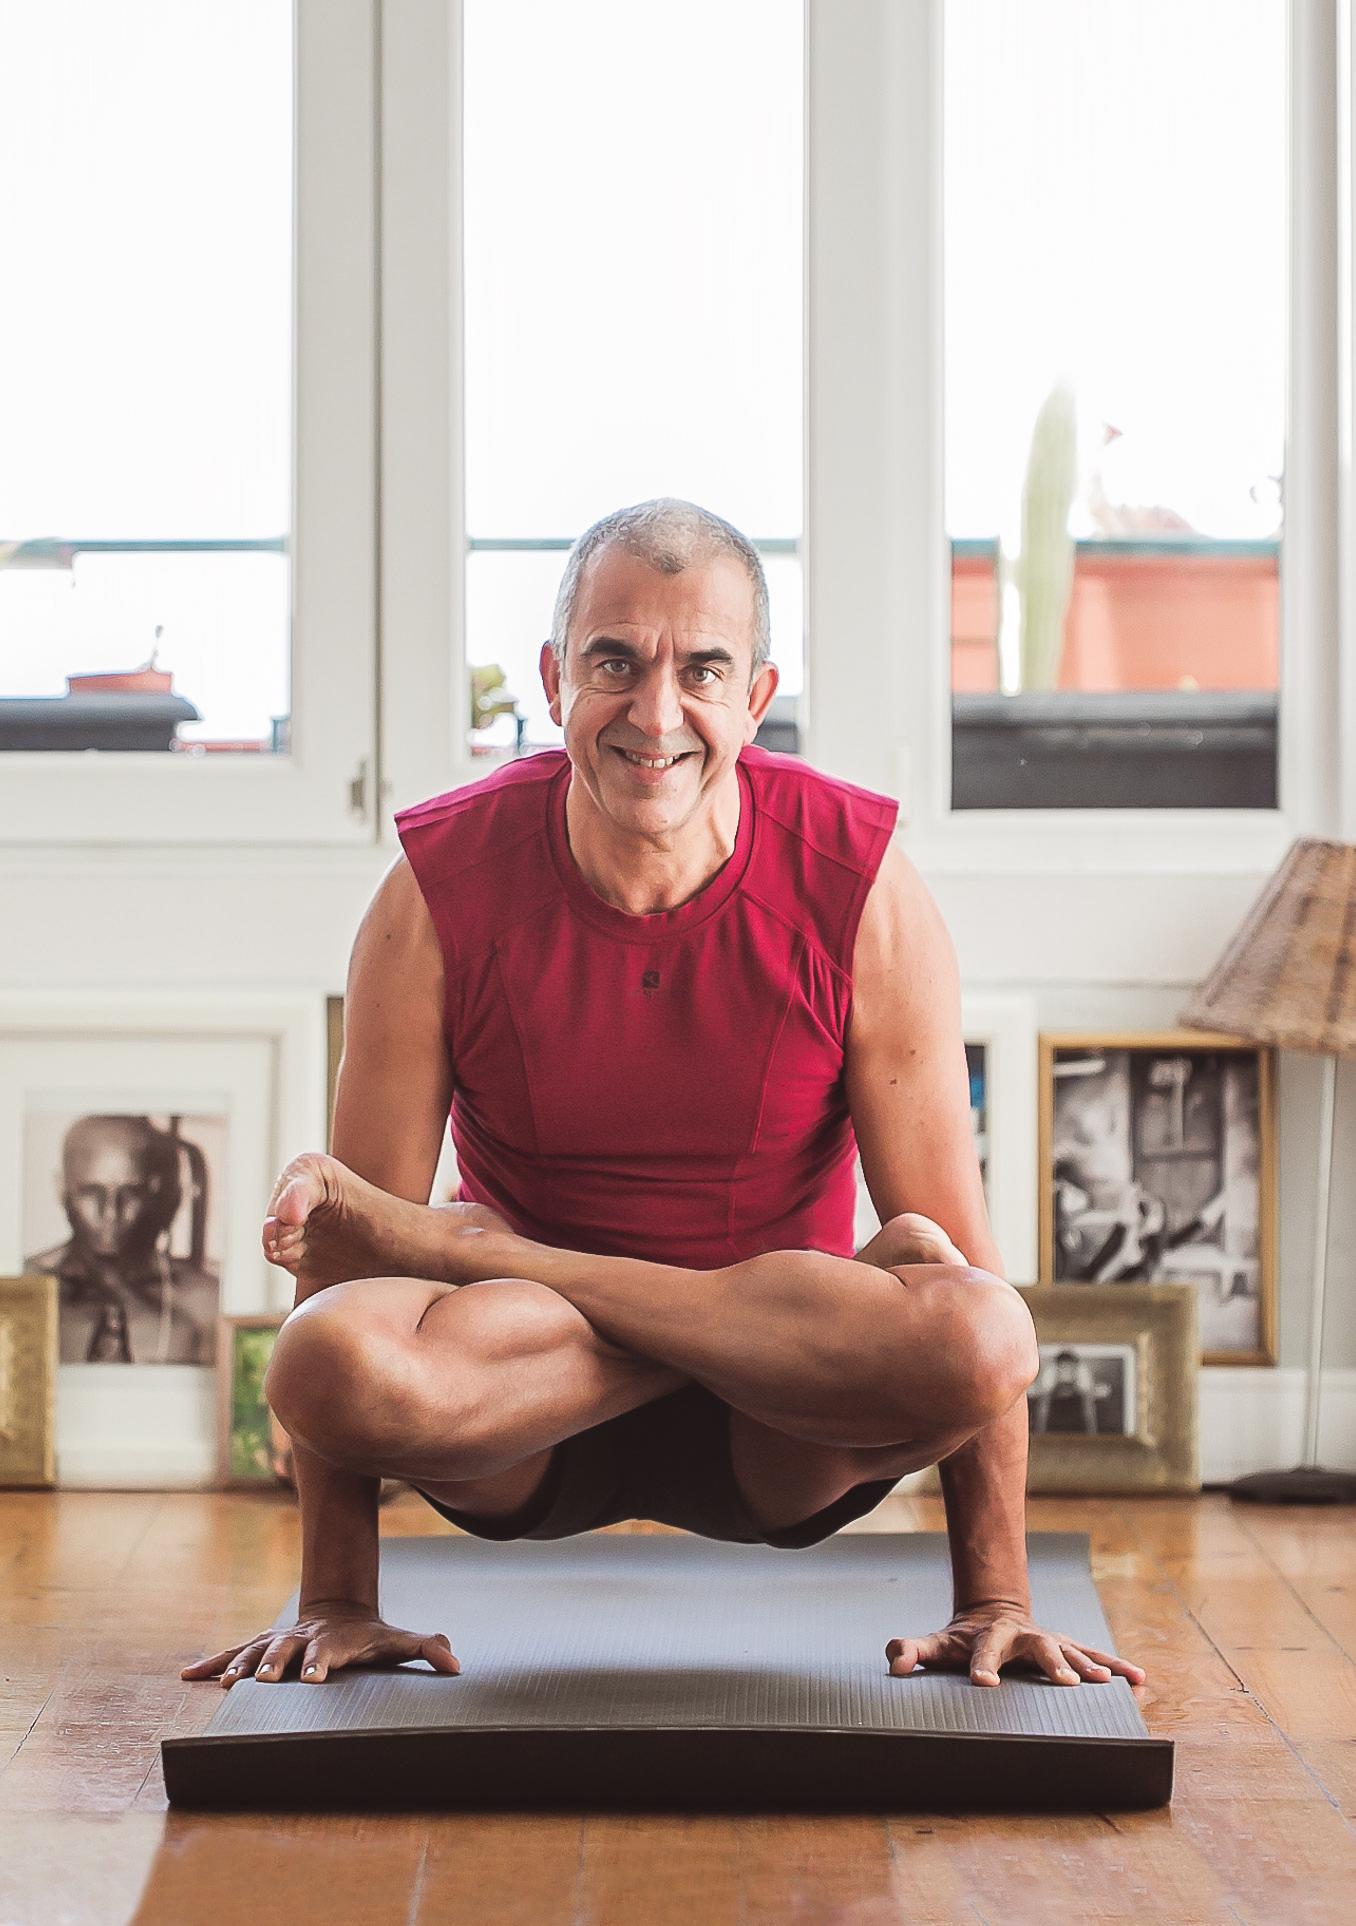 Nunca é tarde. O João começou a fazer exercício (Asthanga Yoga) aos 50. E aqui está ele! João-yoga